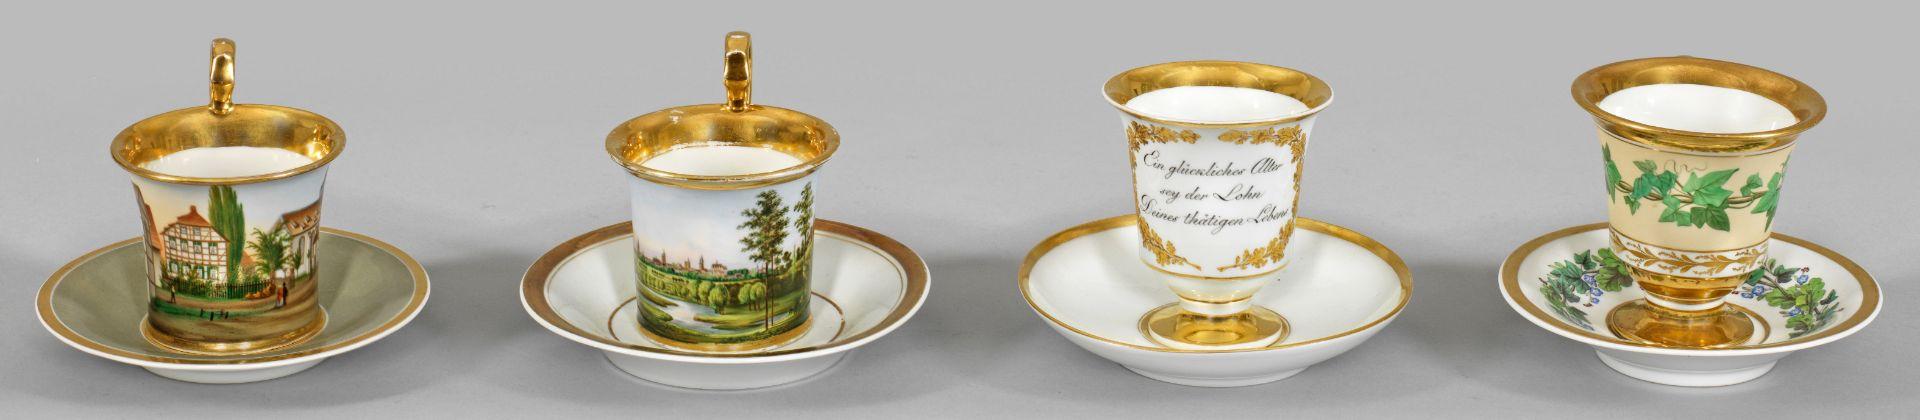 Vier Biedermeier-Tassen - Bild 2 aus 2